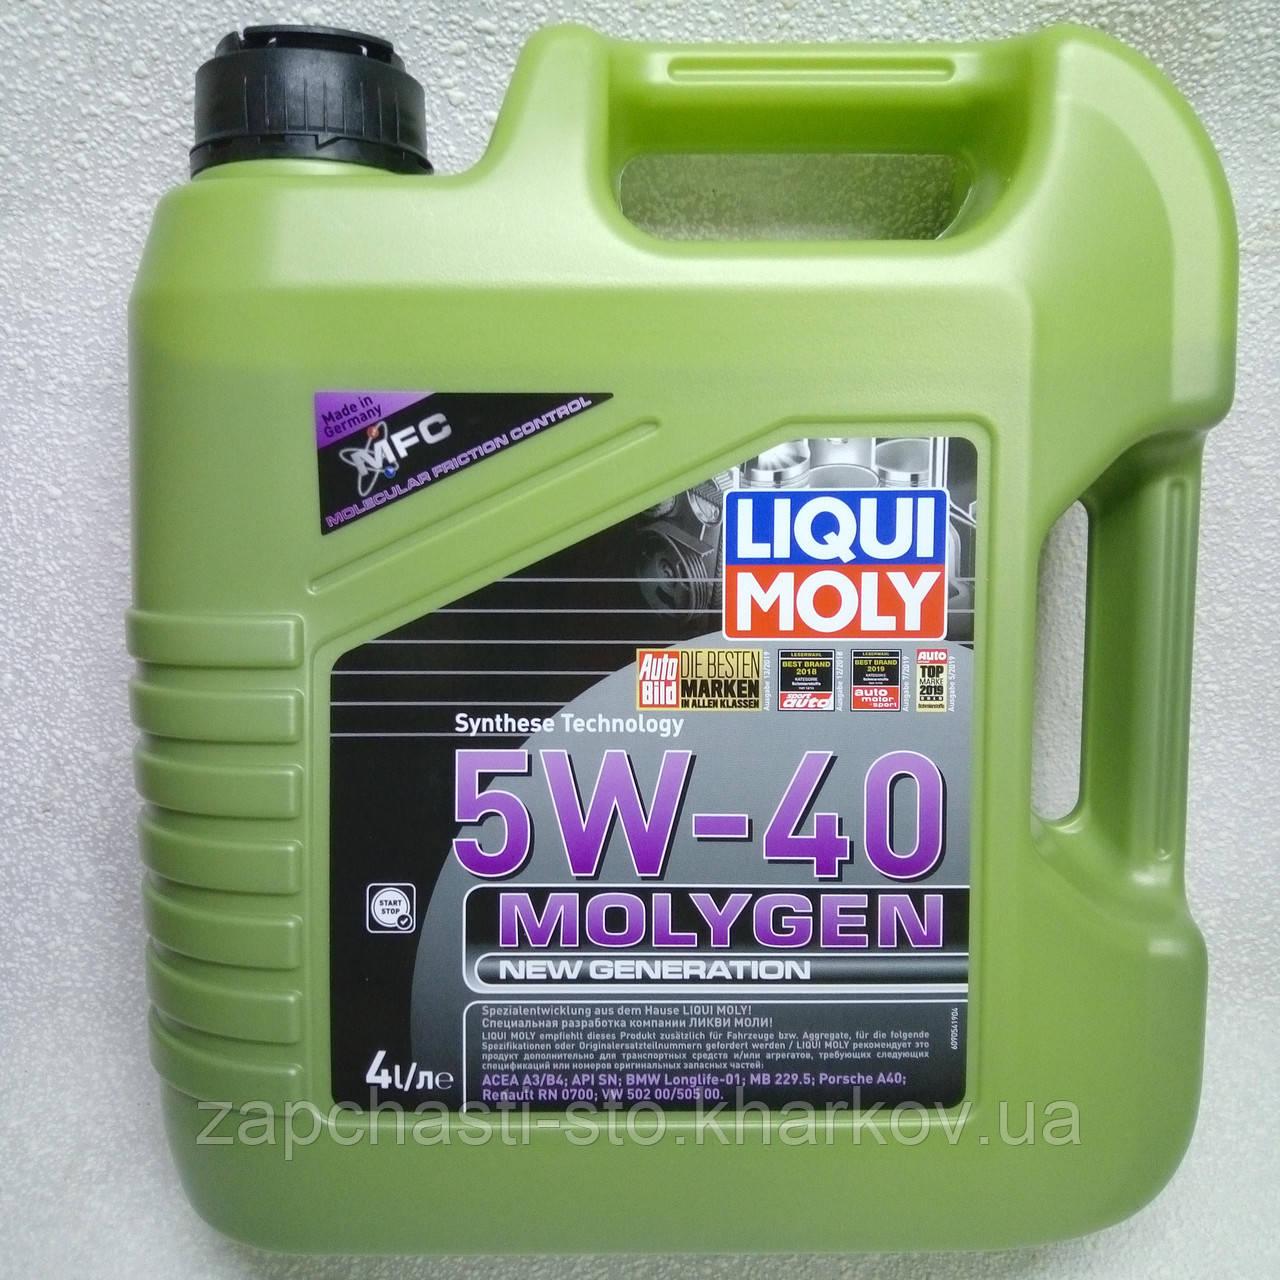 Синтетика 5W-40 Liqui Moly Moligen 4л